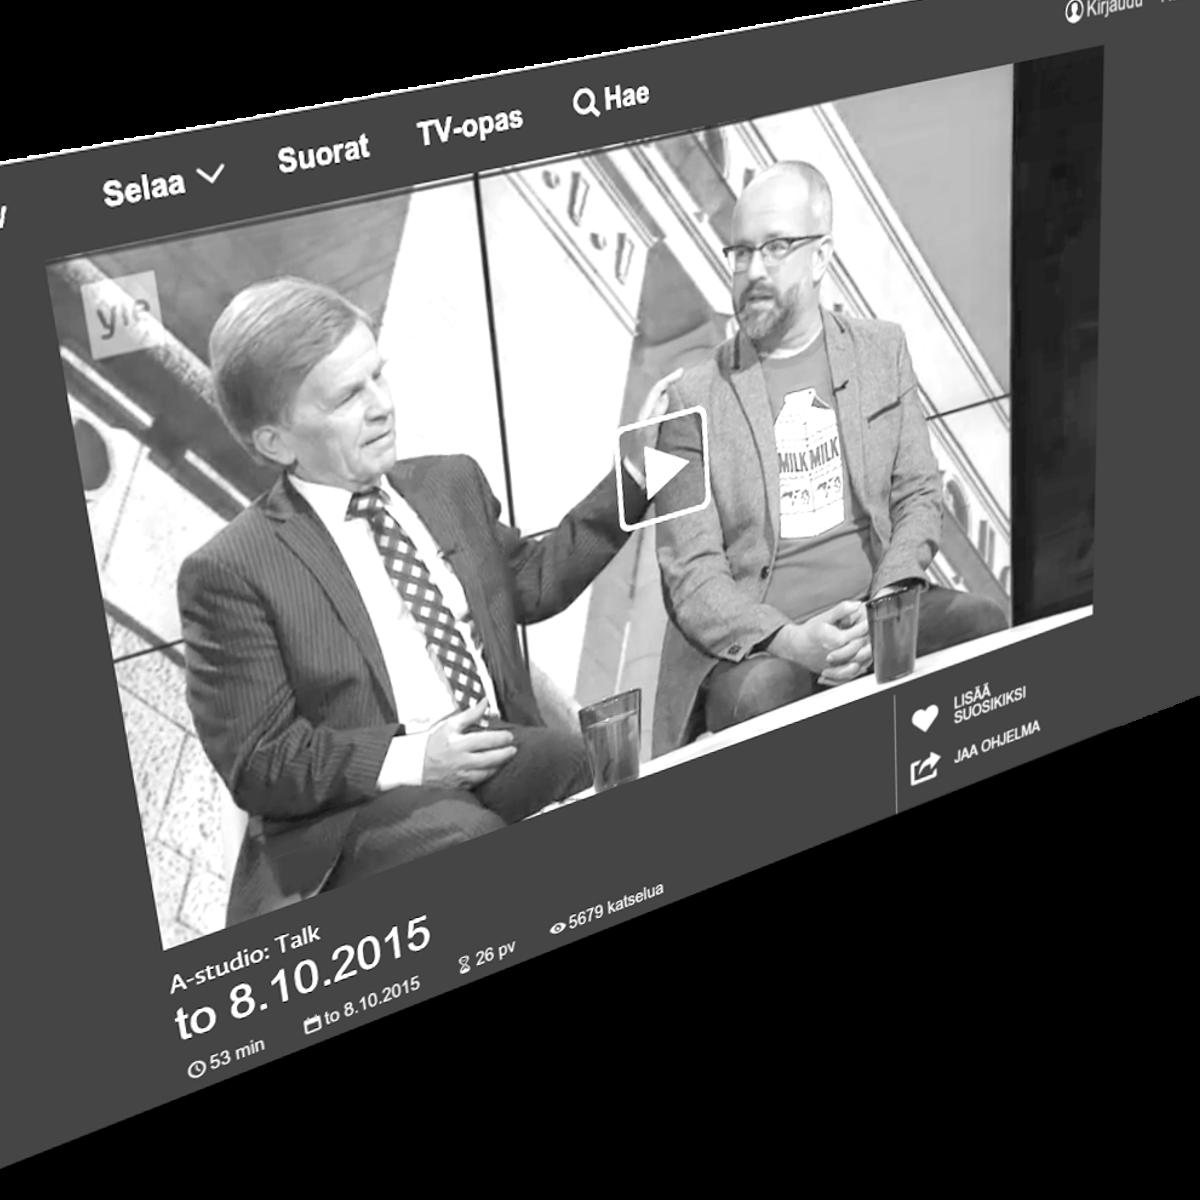 Mauri Pekkarinen varasti show'n keskusteluohjelmassa. Kuva: kuvakaappaus Yle Areenasta.